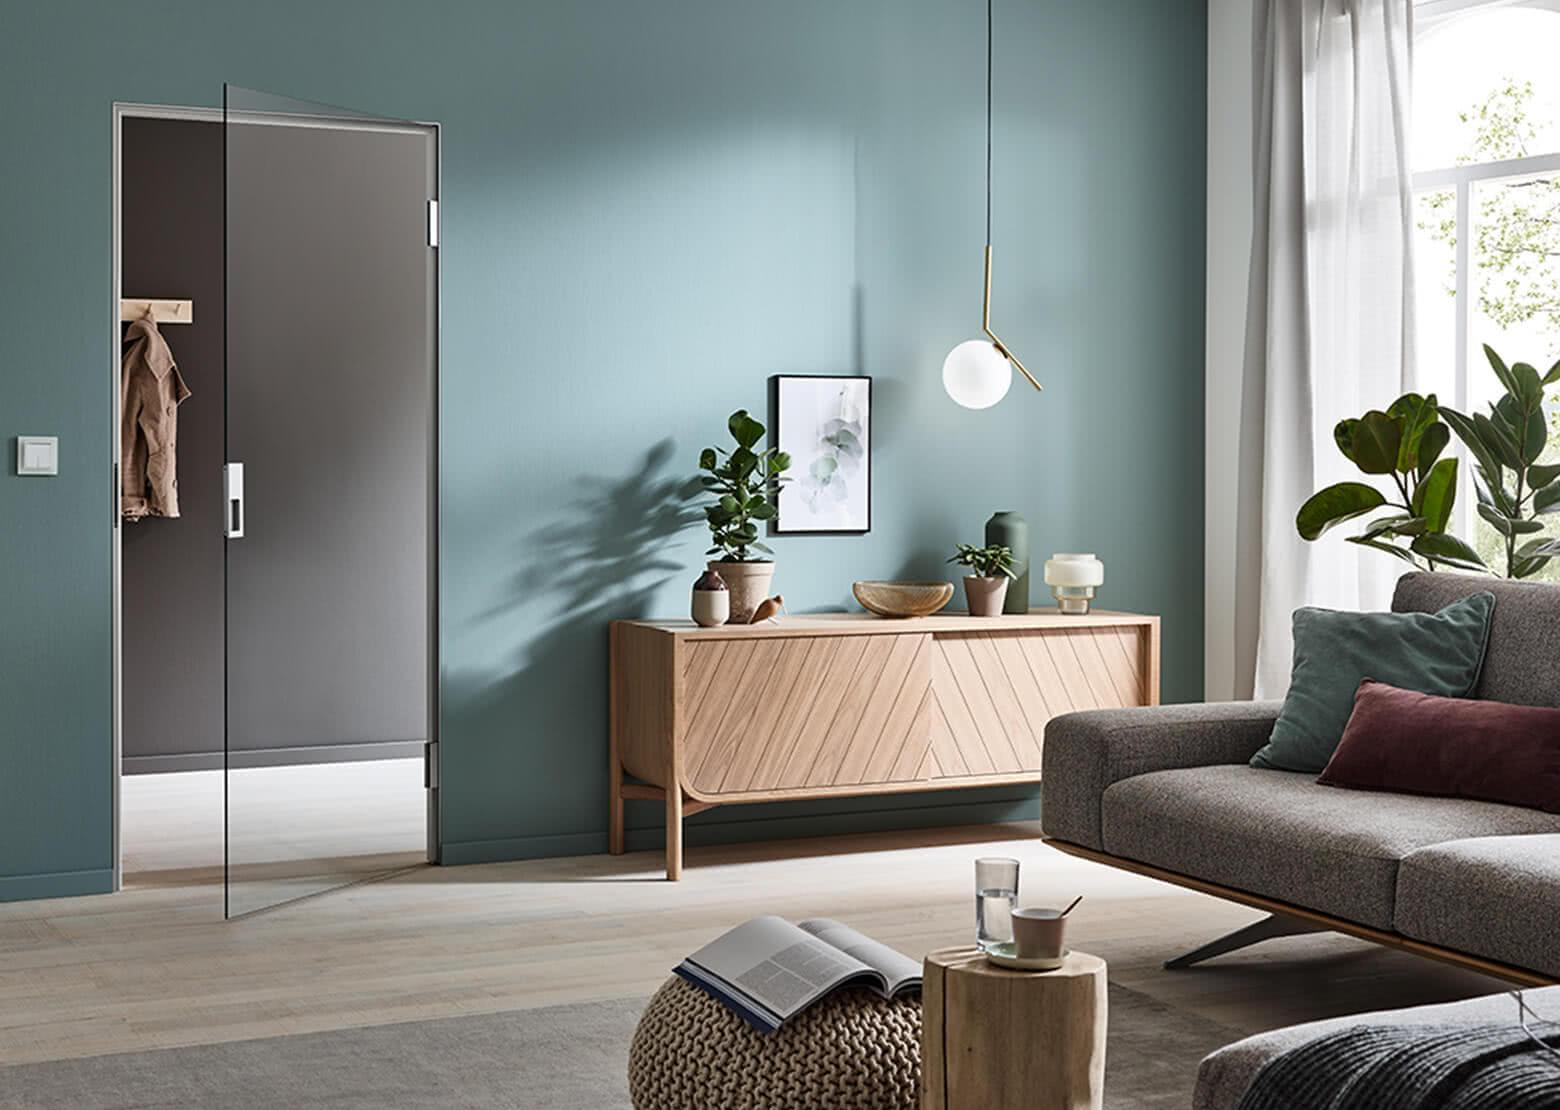 Aluzarge 200 Magnet im Wohnzimmer bei geöffneter Tür